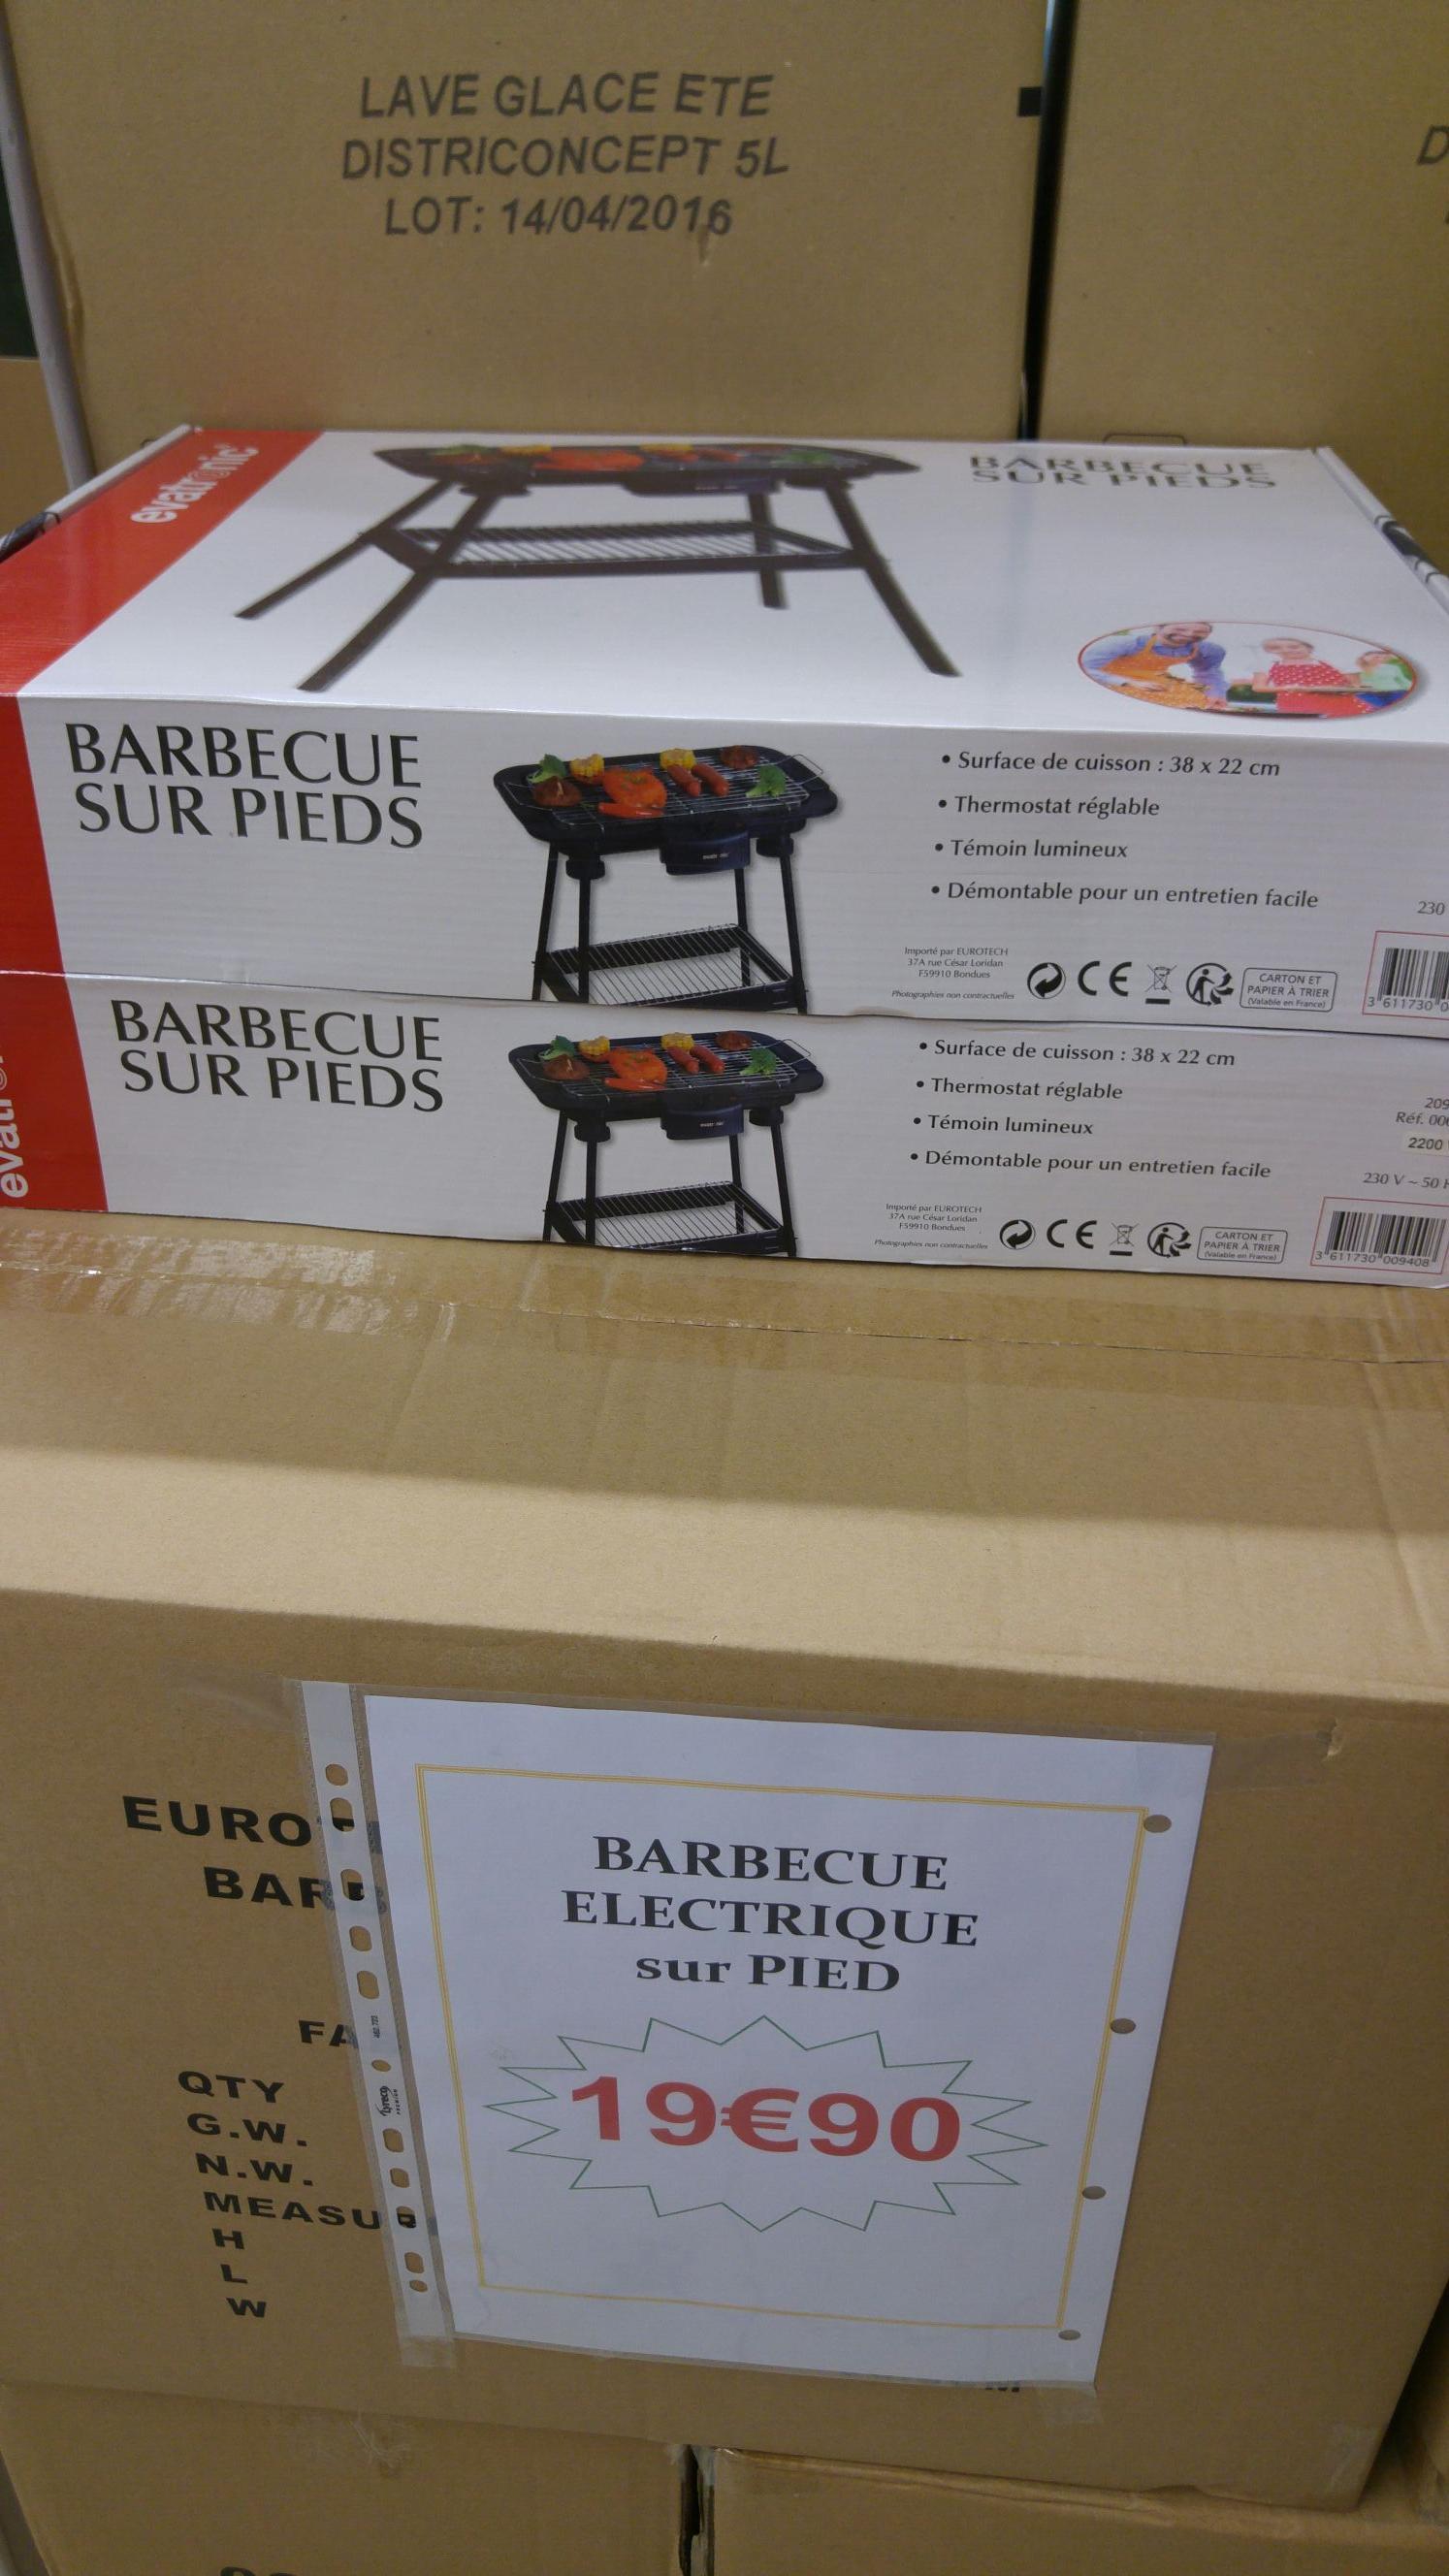 Barbecue électrique sur pieds